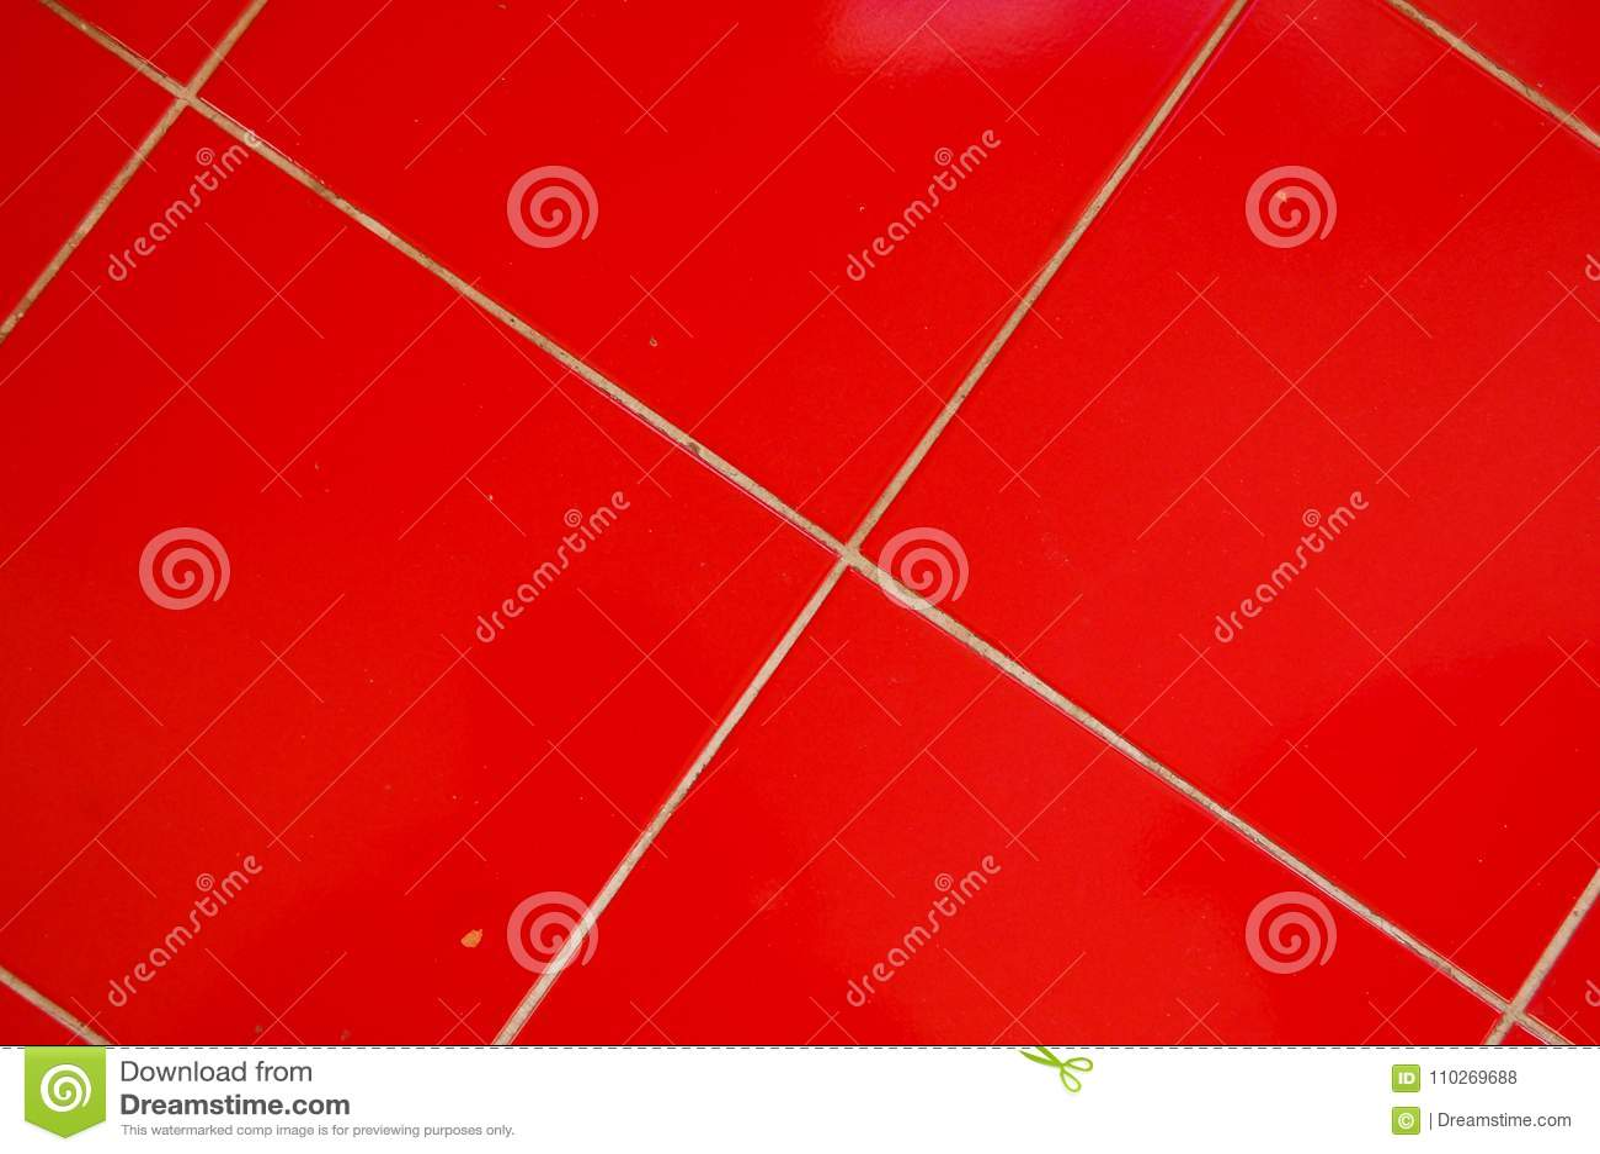 Piastrelle Per Pavimento Rosse Nella Cucina Fotografia Stock ...